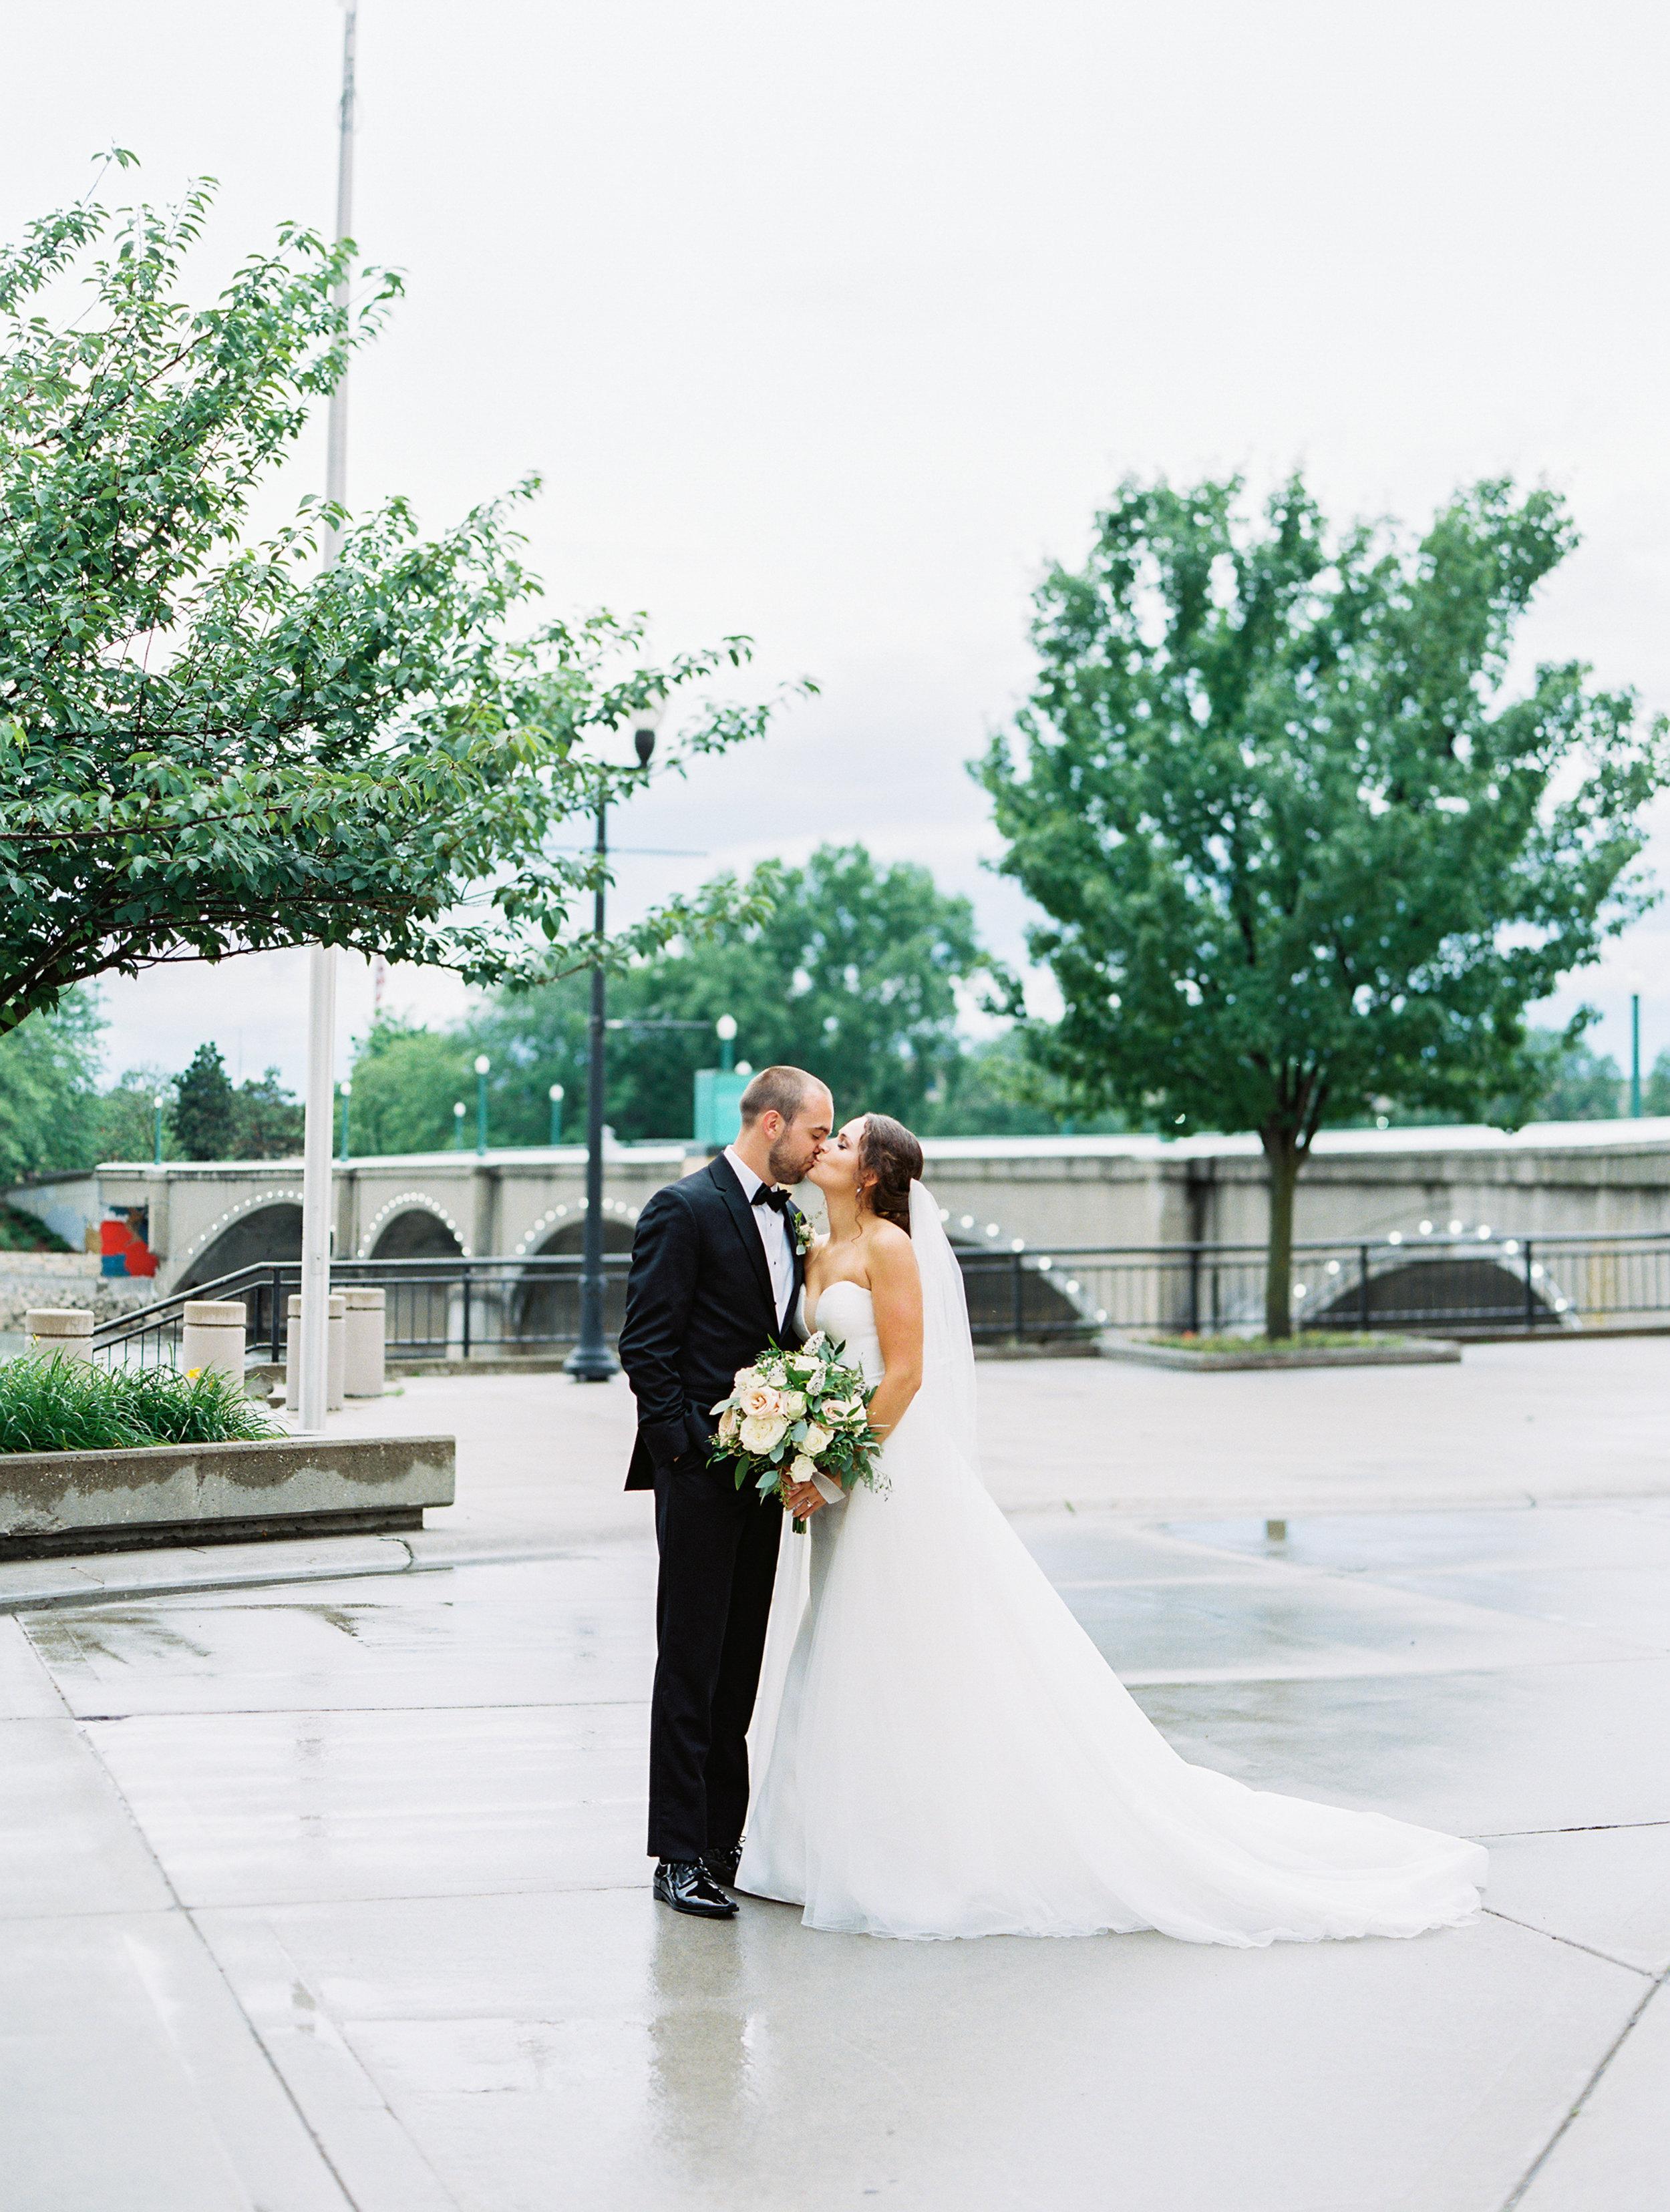 Steiner+Wedding+Bridal+Party-69.jpg